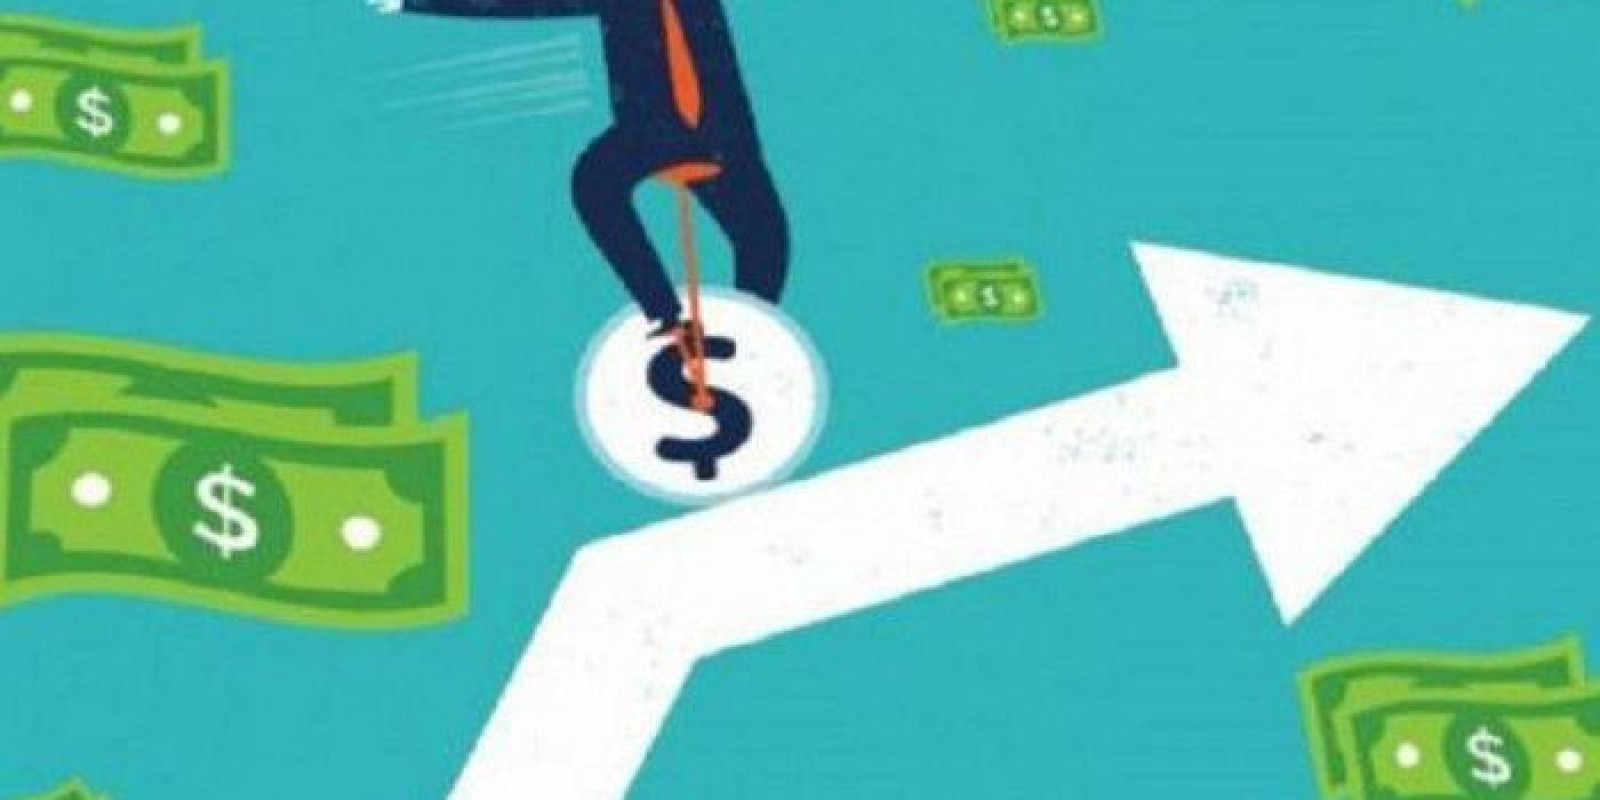 Juntos, os três maiores bancos privados do país lucram R$ 59,7 bilhões em 2018